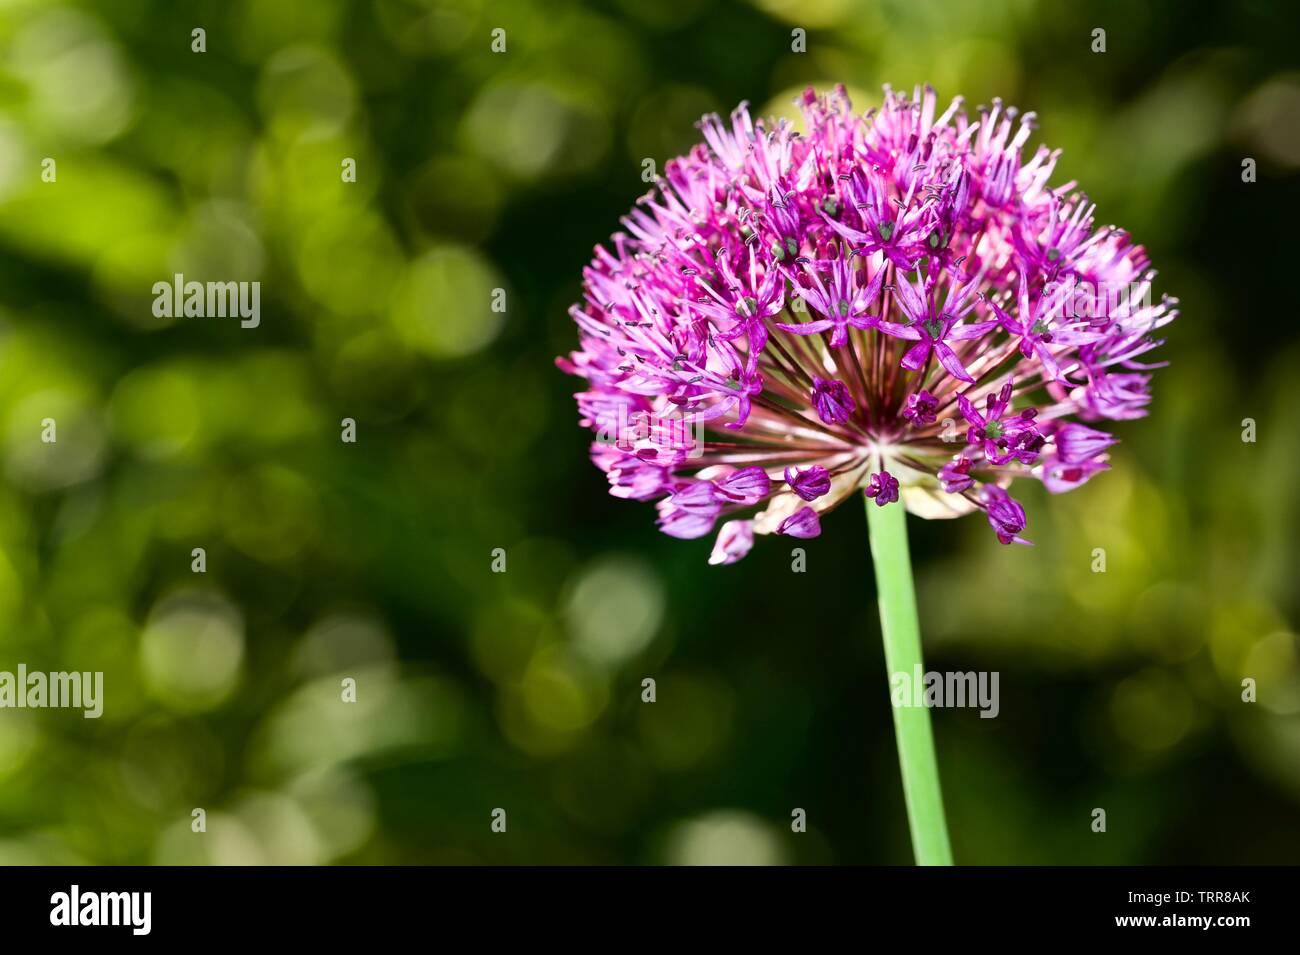 Allium hollandicum 'Purple Sensation' - Stock Image